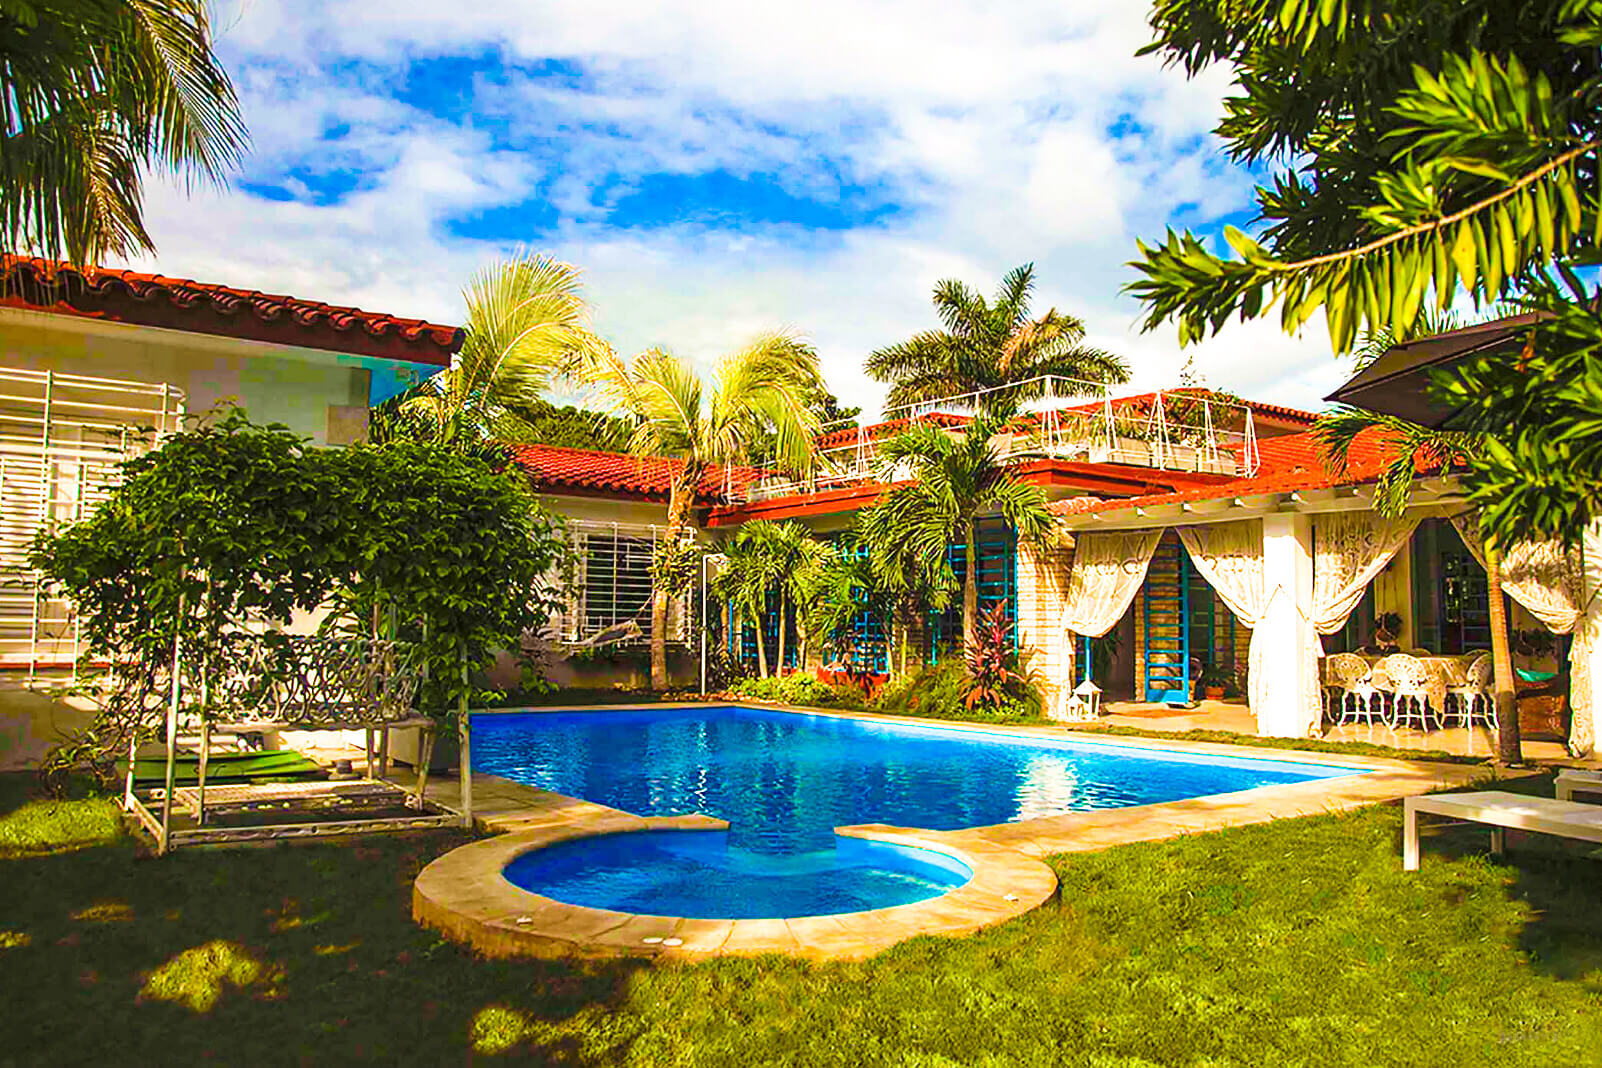 pool_house_yard_2_compressed.jpg